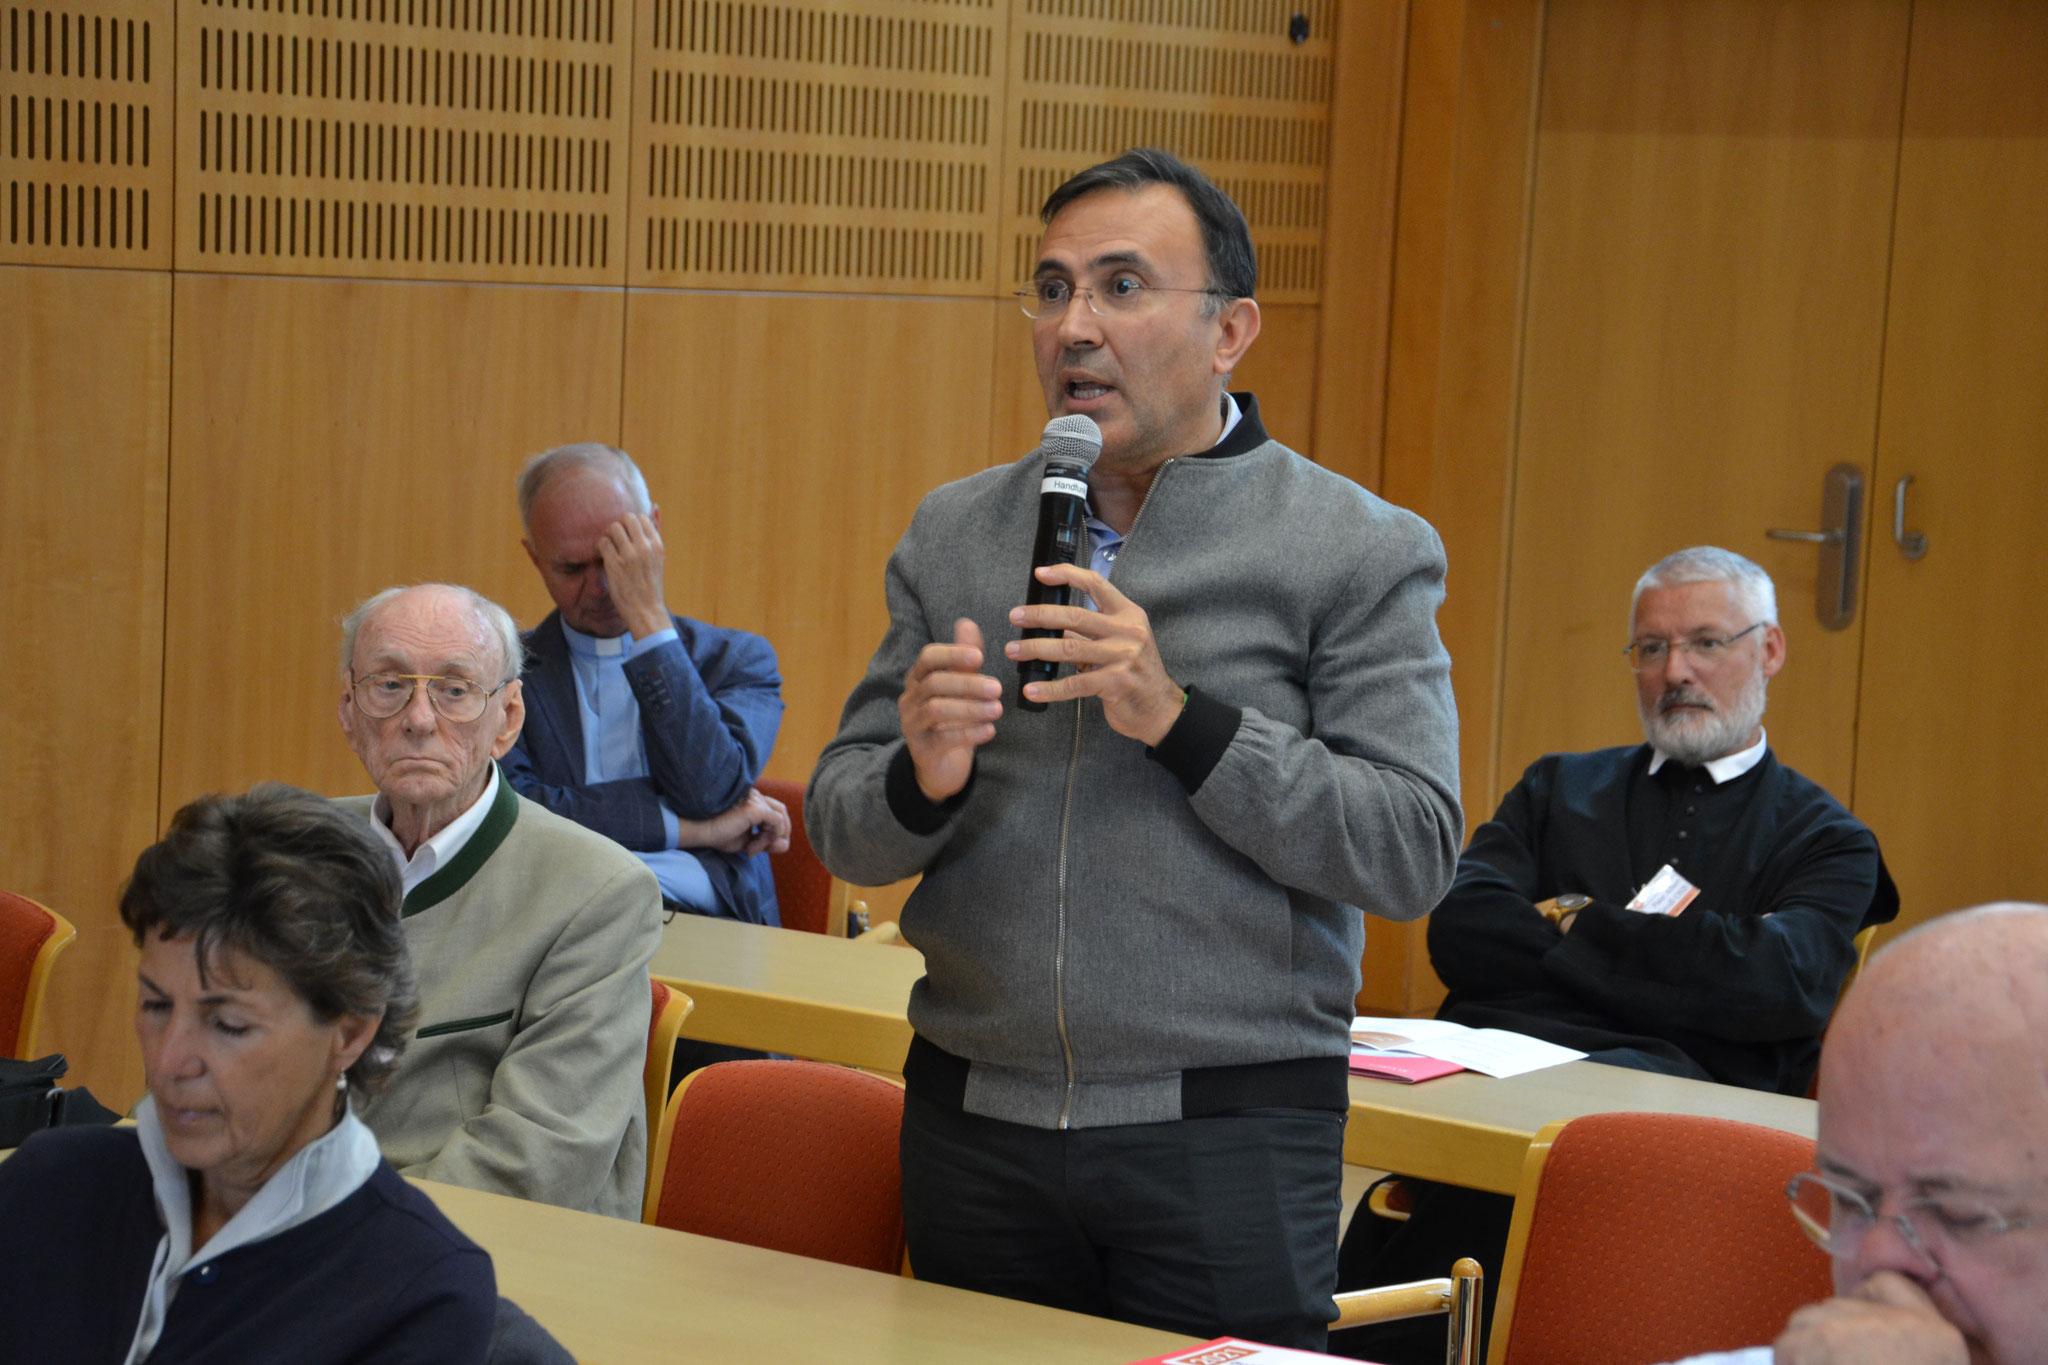 Wieder hat das Publikum engagiert mitdiskutiert bzw. sich mit Fragen an der Diskussion beteiligt.